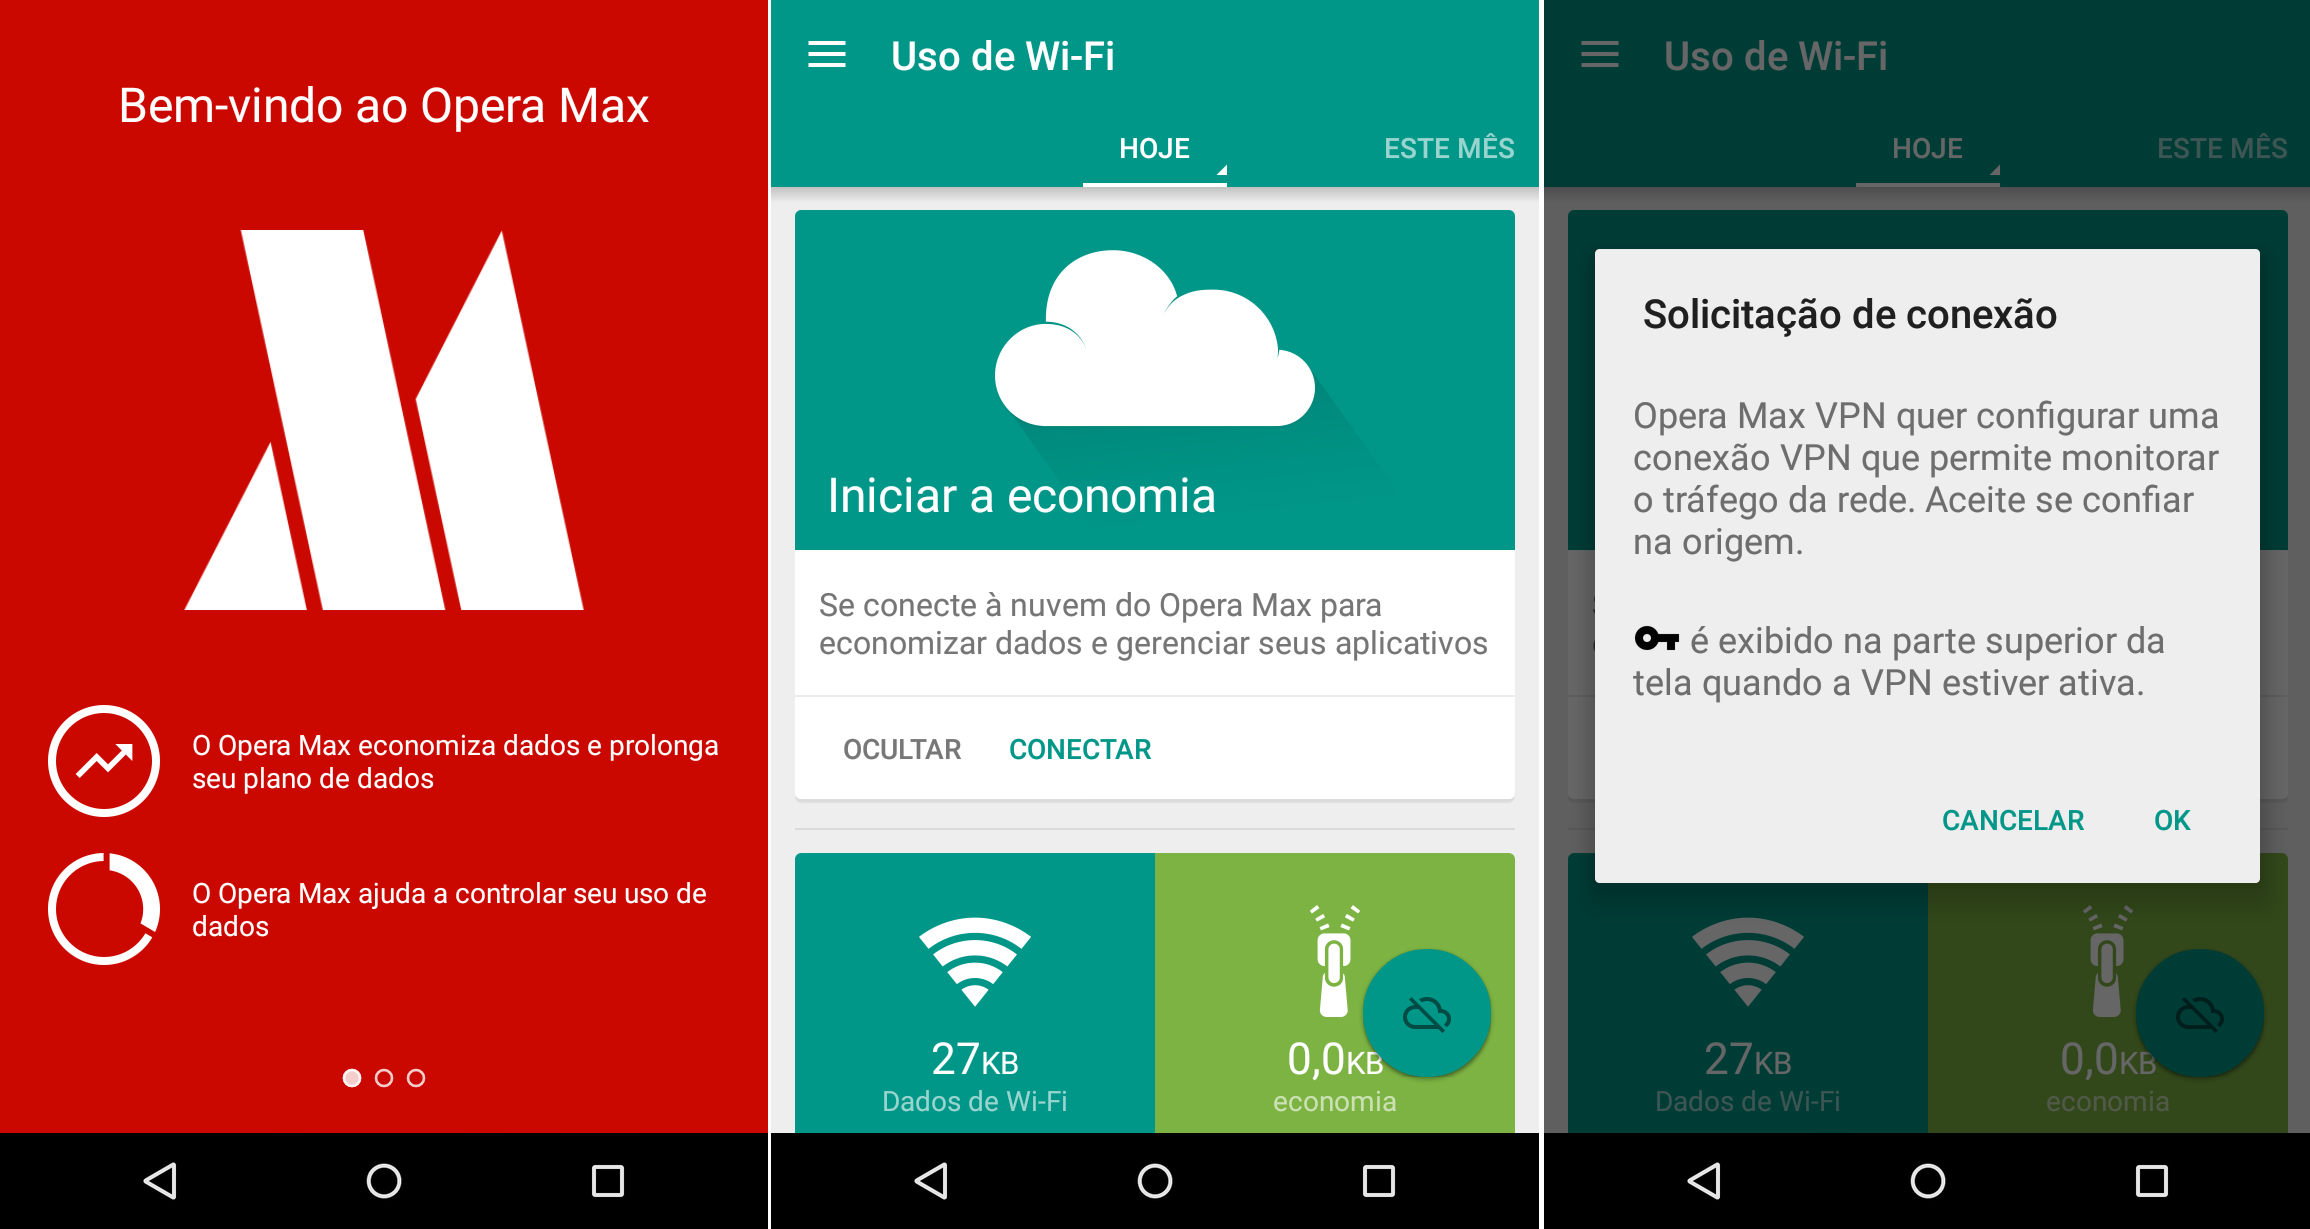 Opera Max para Android economiza franquia de dados no Netflix e YouTube